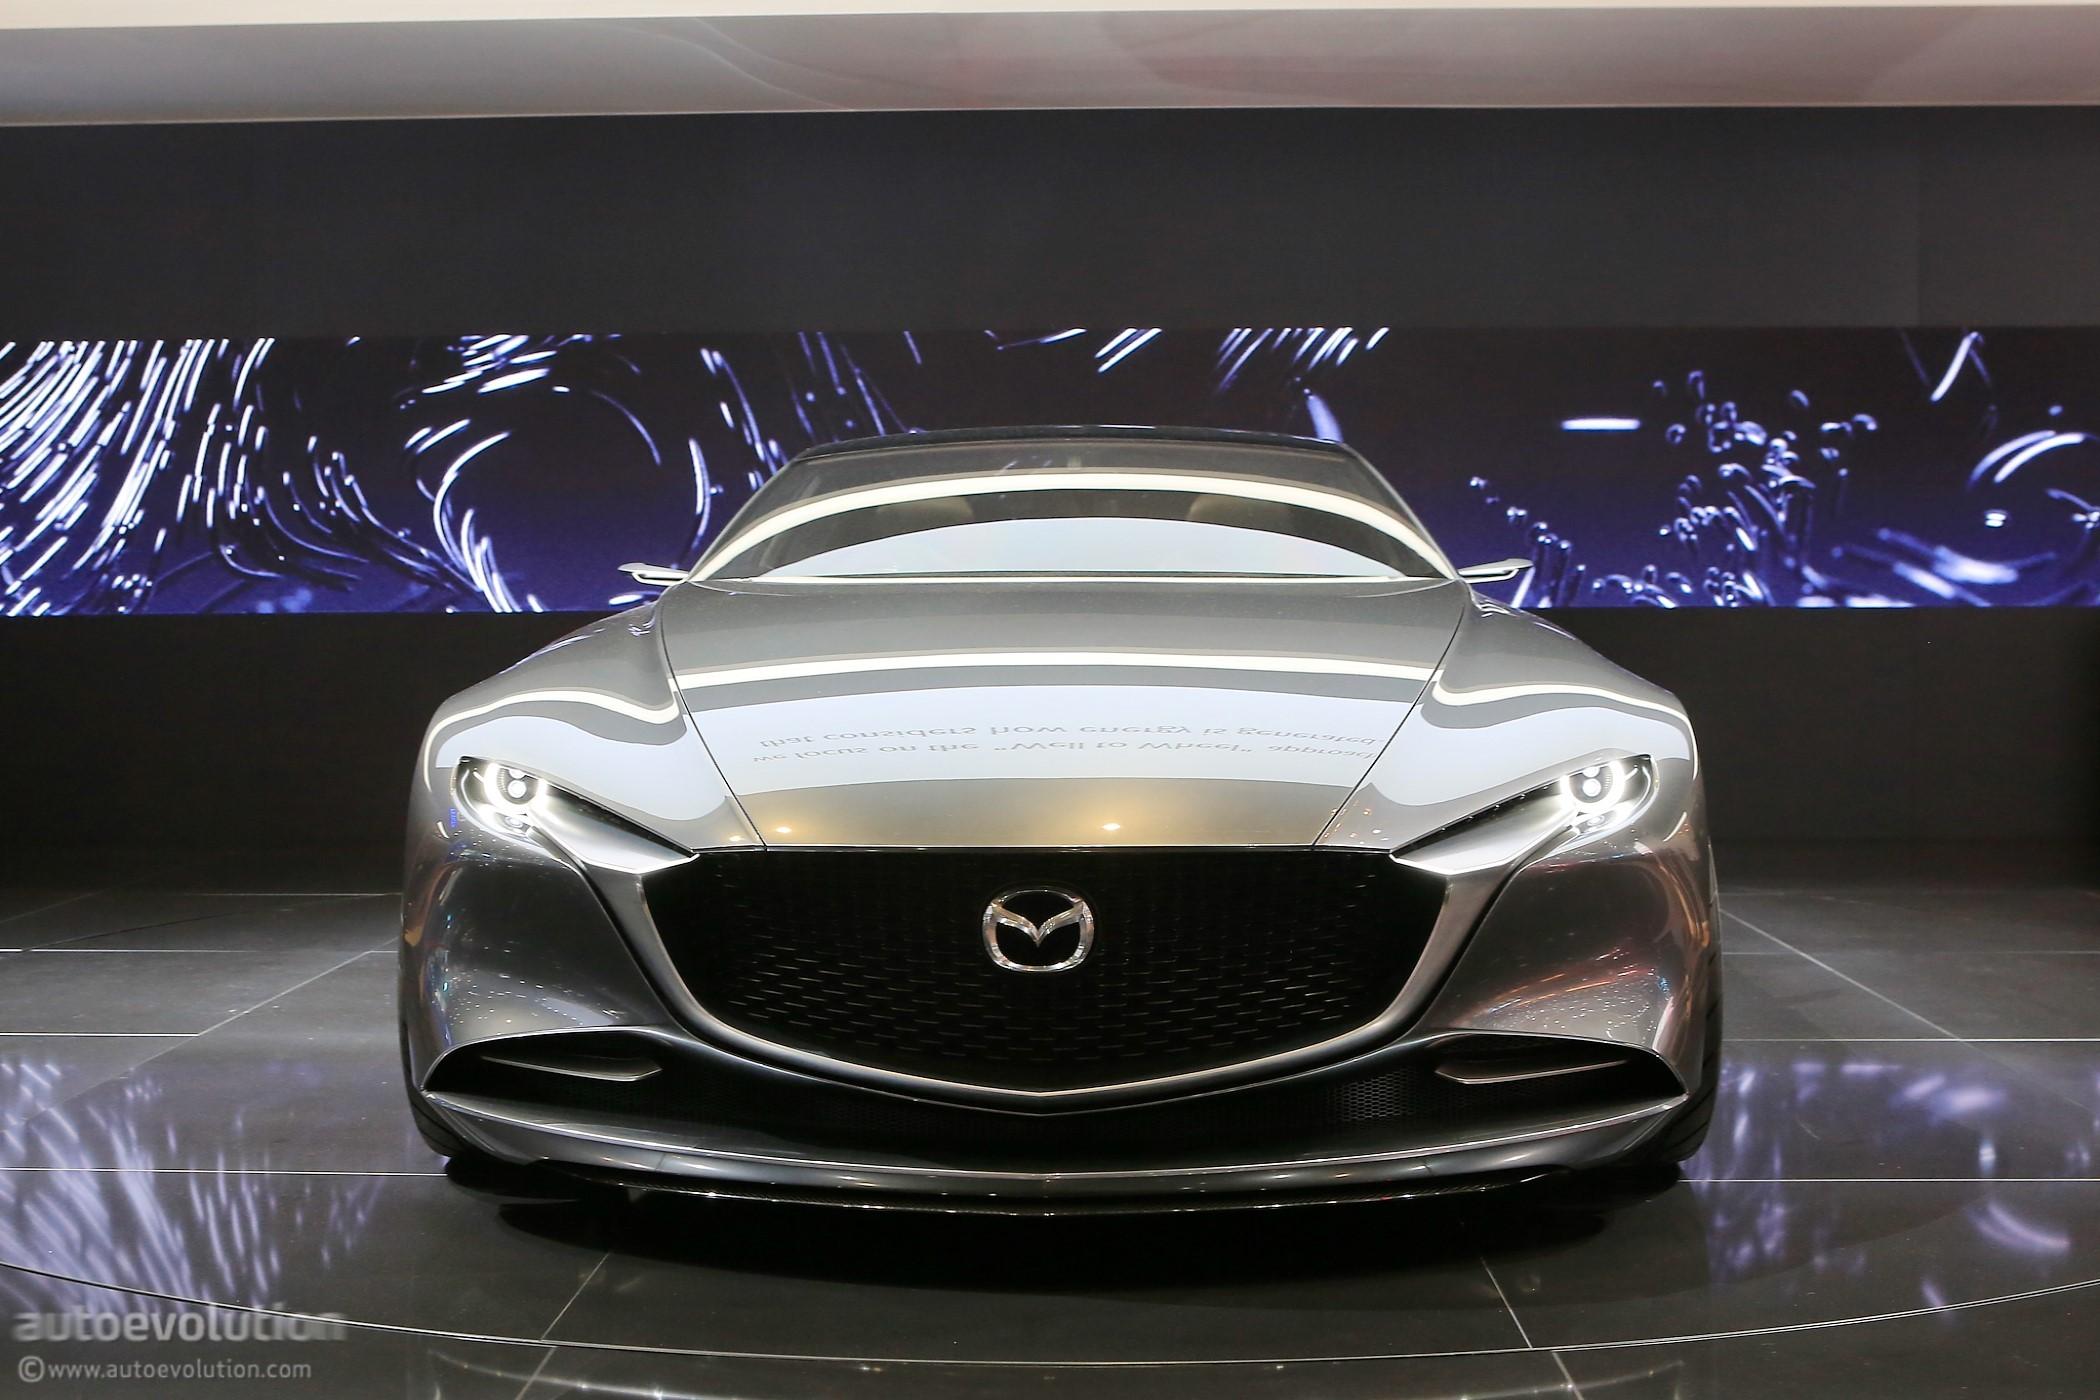 Mazda Vision Coupe Makes European Debut In Geneva Looks